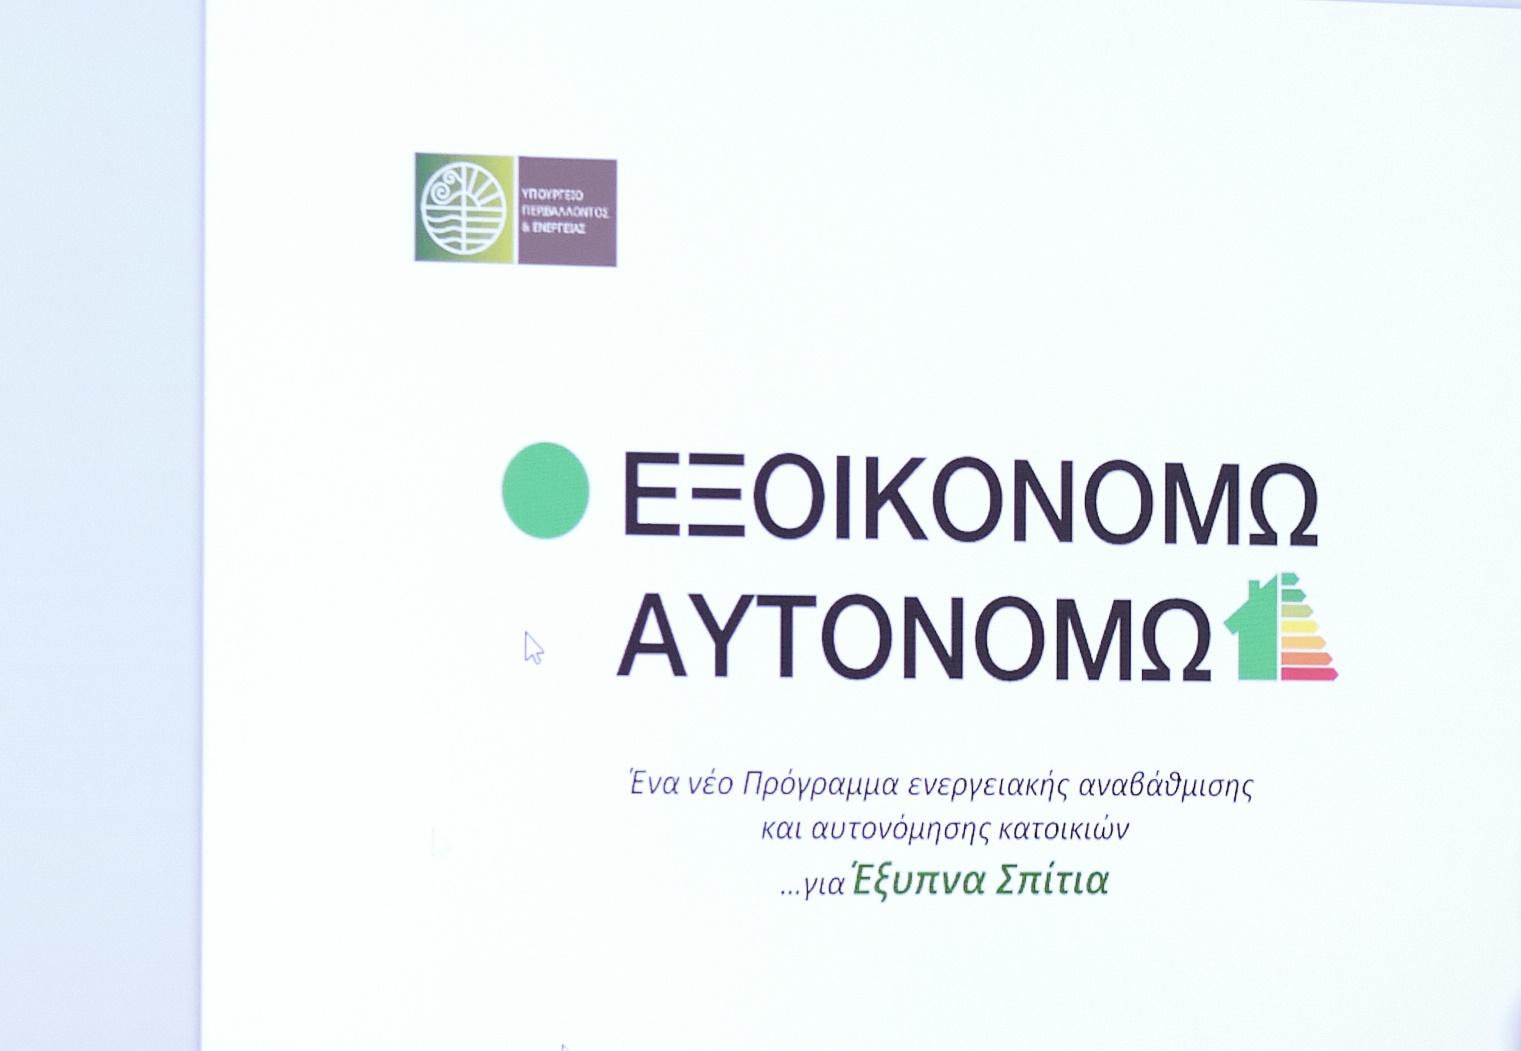 Σκρέκας: Προωθείται νέο πρόγραμμα «Εξοικονομώ – Αυτονομώ» με νέα κριτήρια